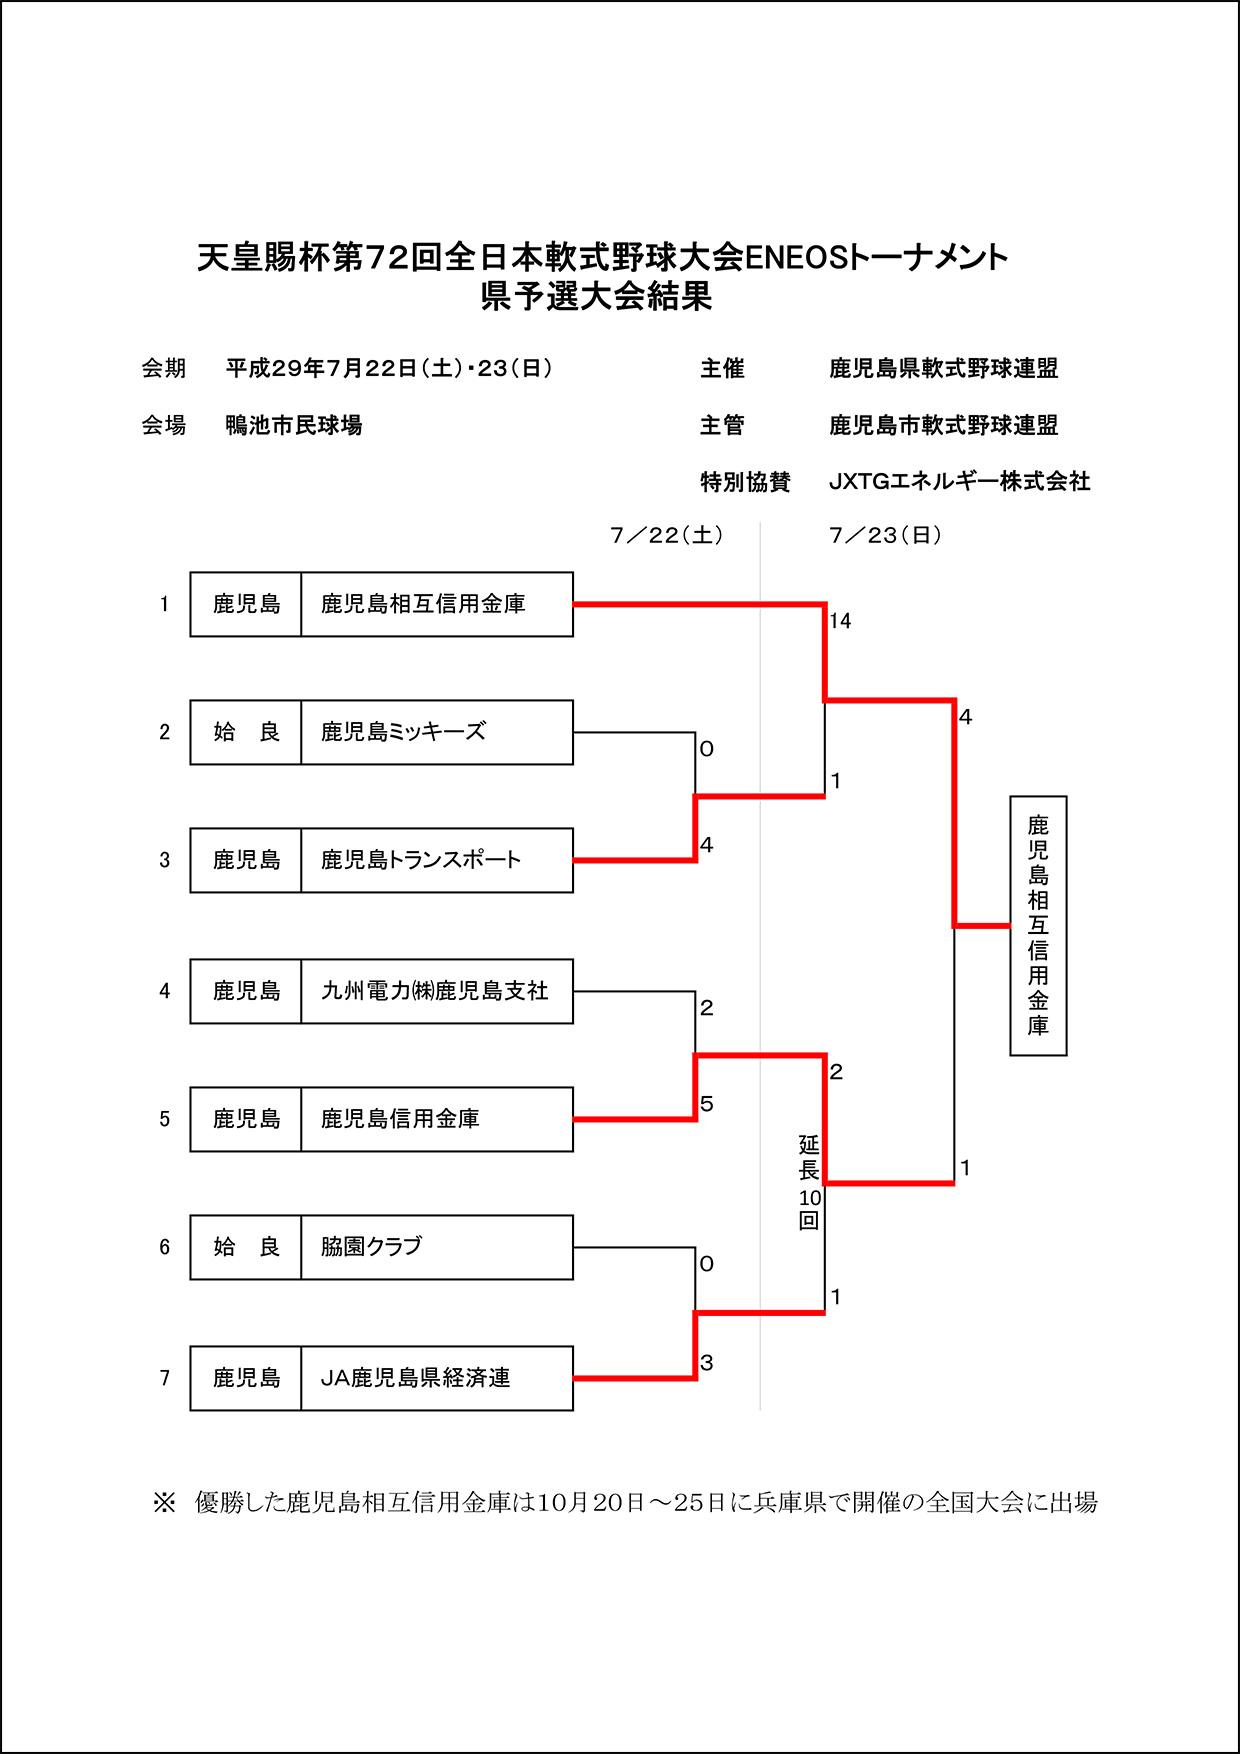 【結果】天皇賜杯第72回県大会結果